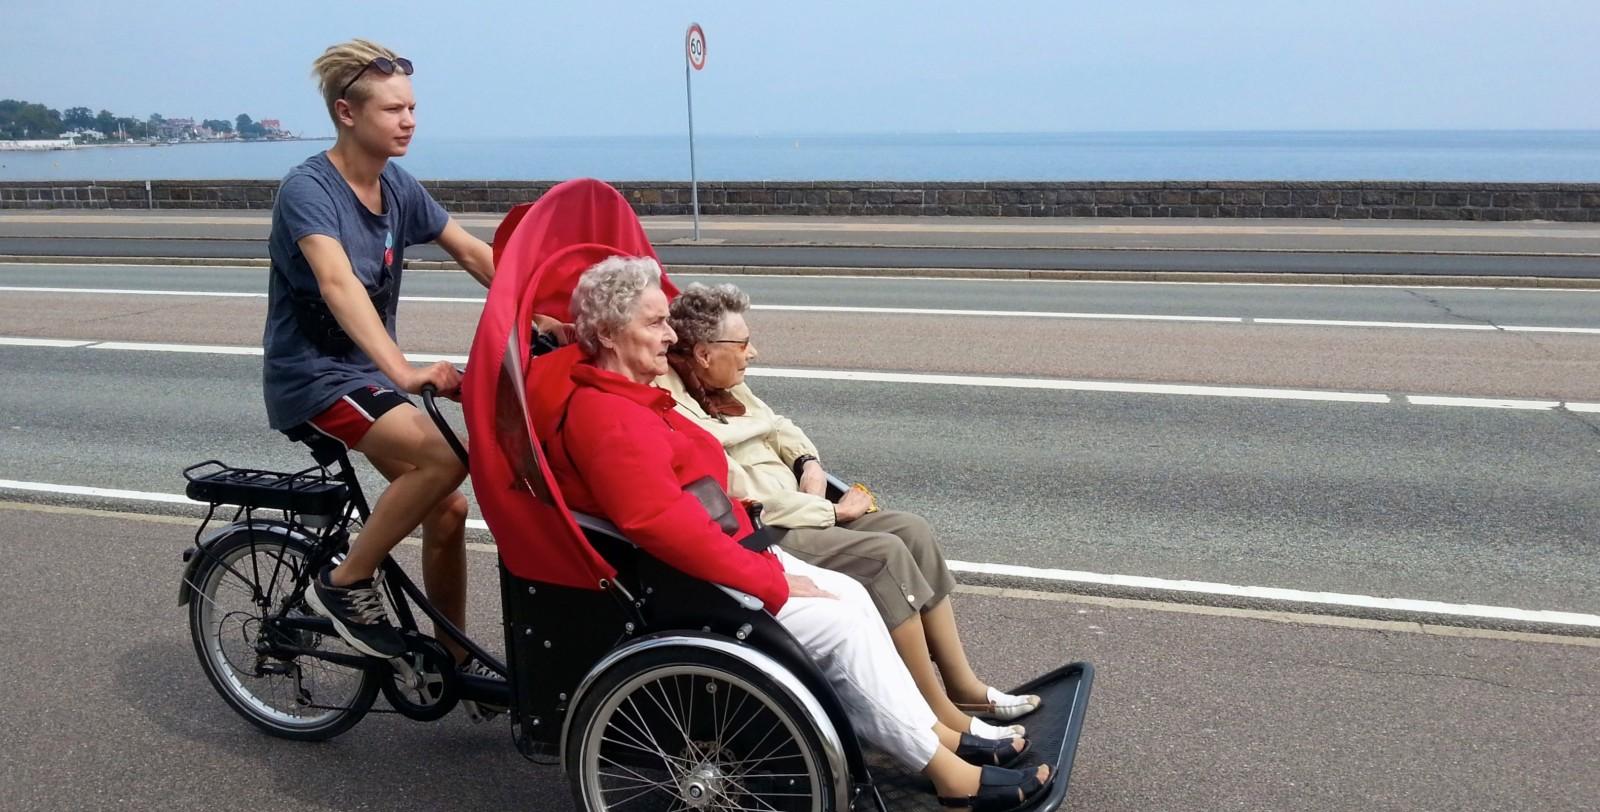 Cykling uden alder - Hugo, Tove, Else (foto Ole Kassow) lav opløsning